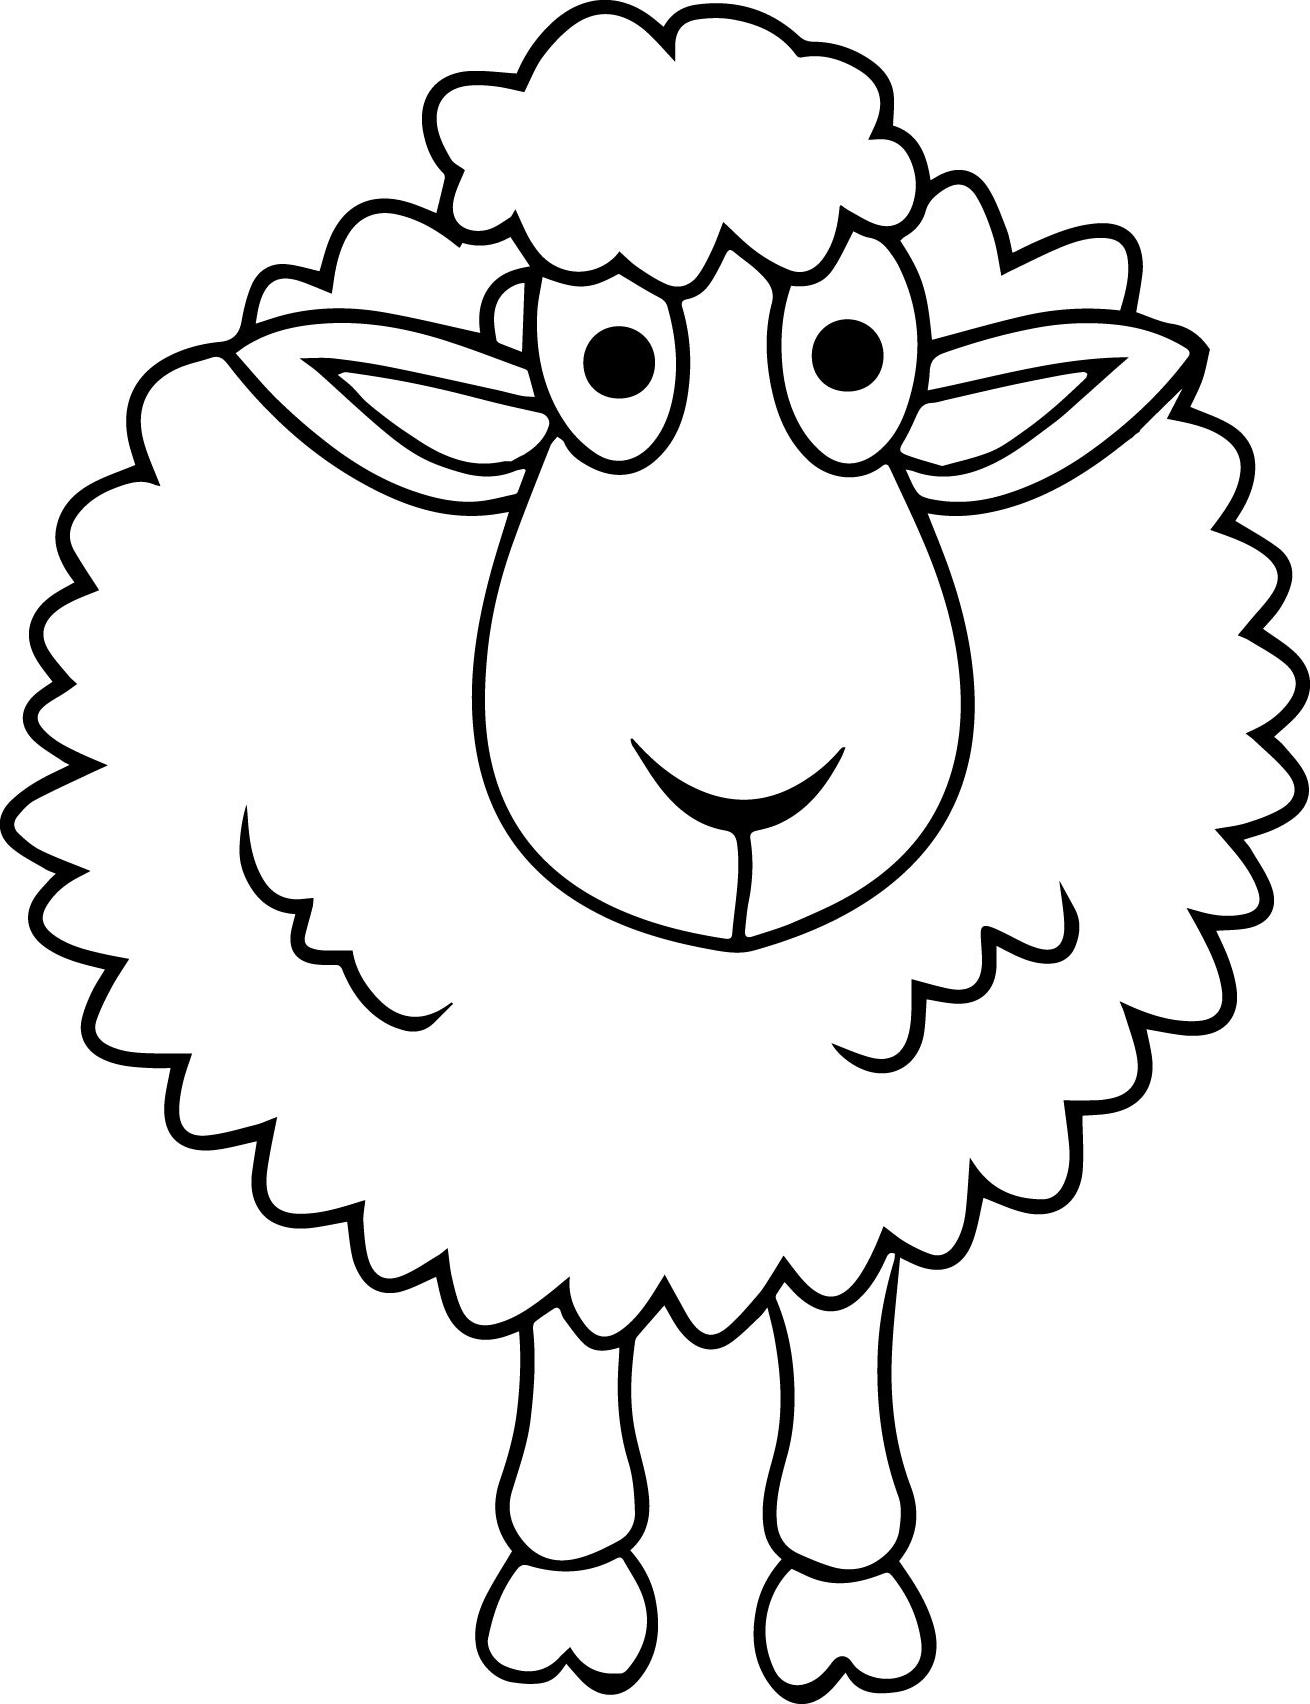 Contoh Gambar Mewarnai Domba Lucu – Kataucap regarding Gambar Domba Sketsa